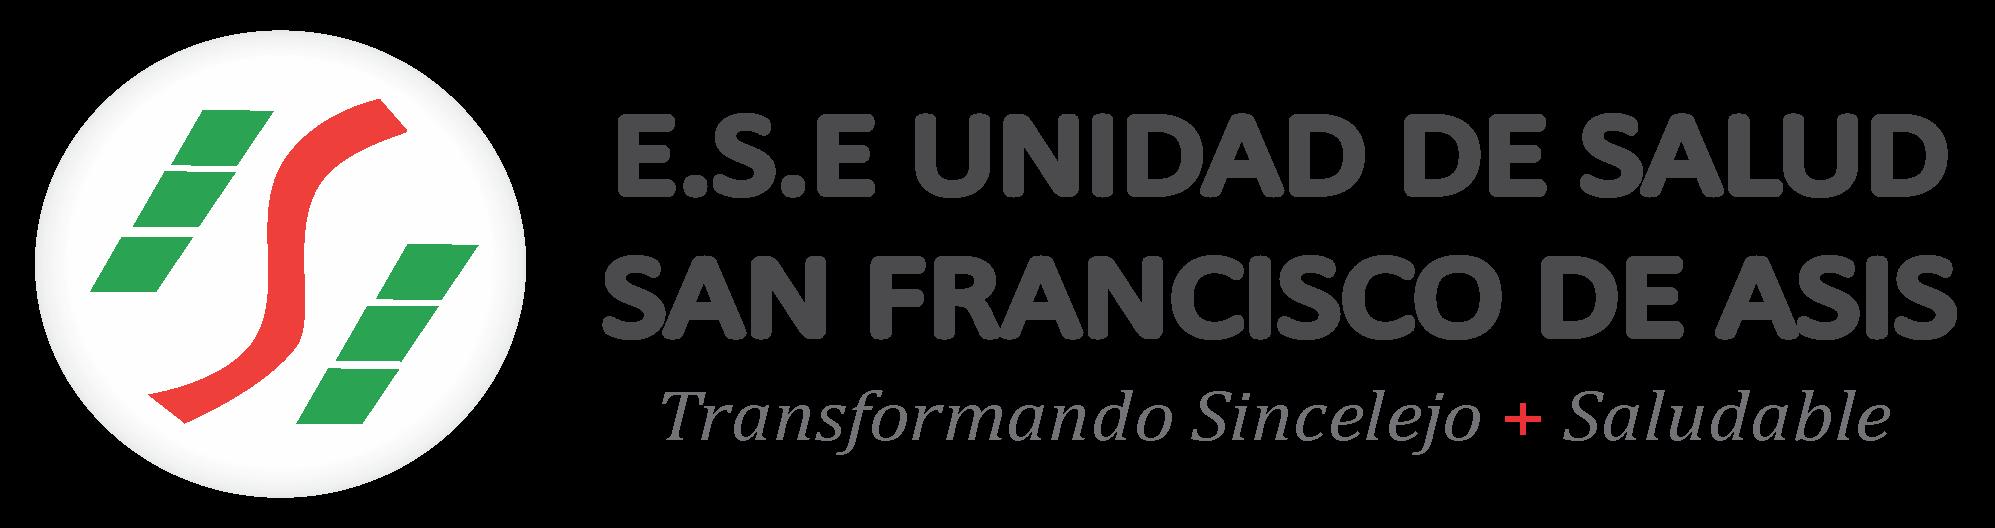 ESE UNIDAD DE SALUD SAN FRANCISCO DE ASIS